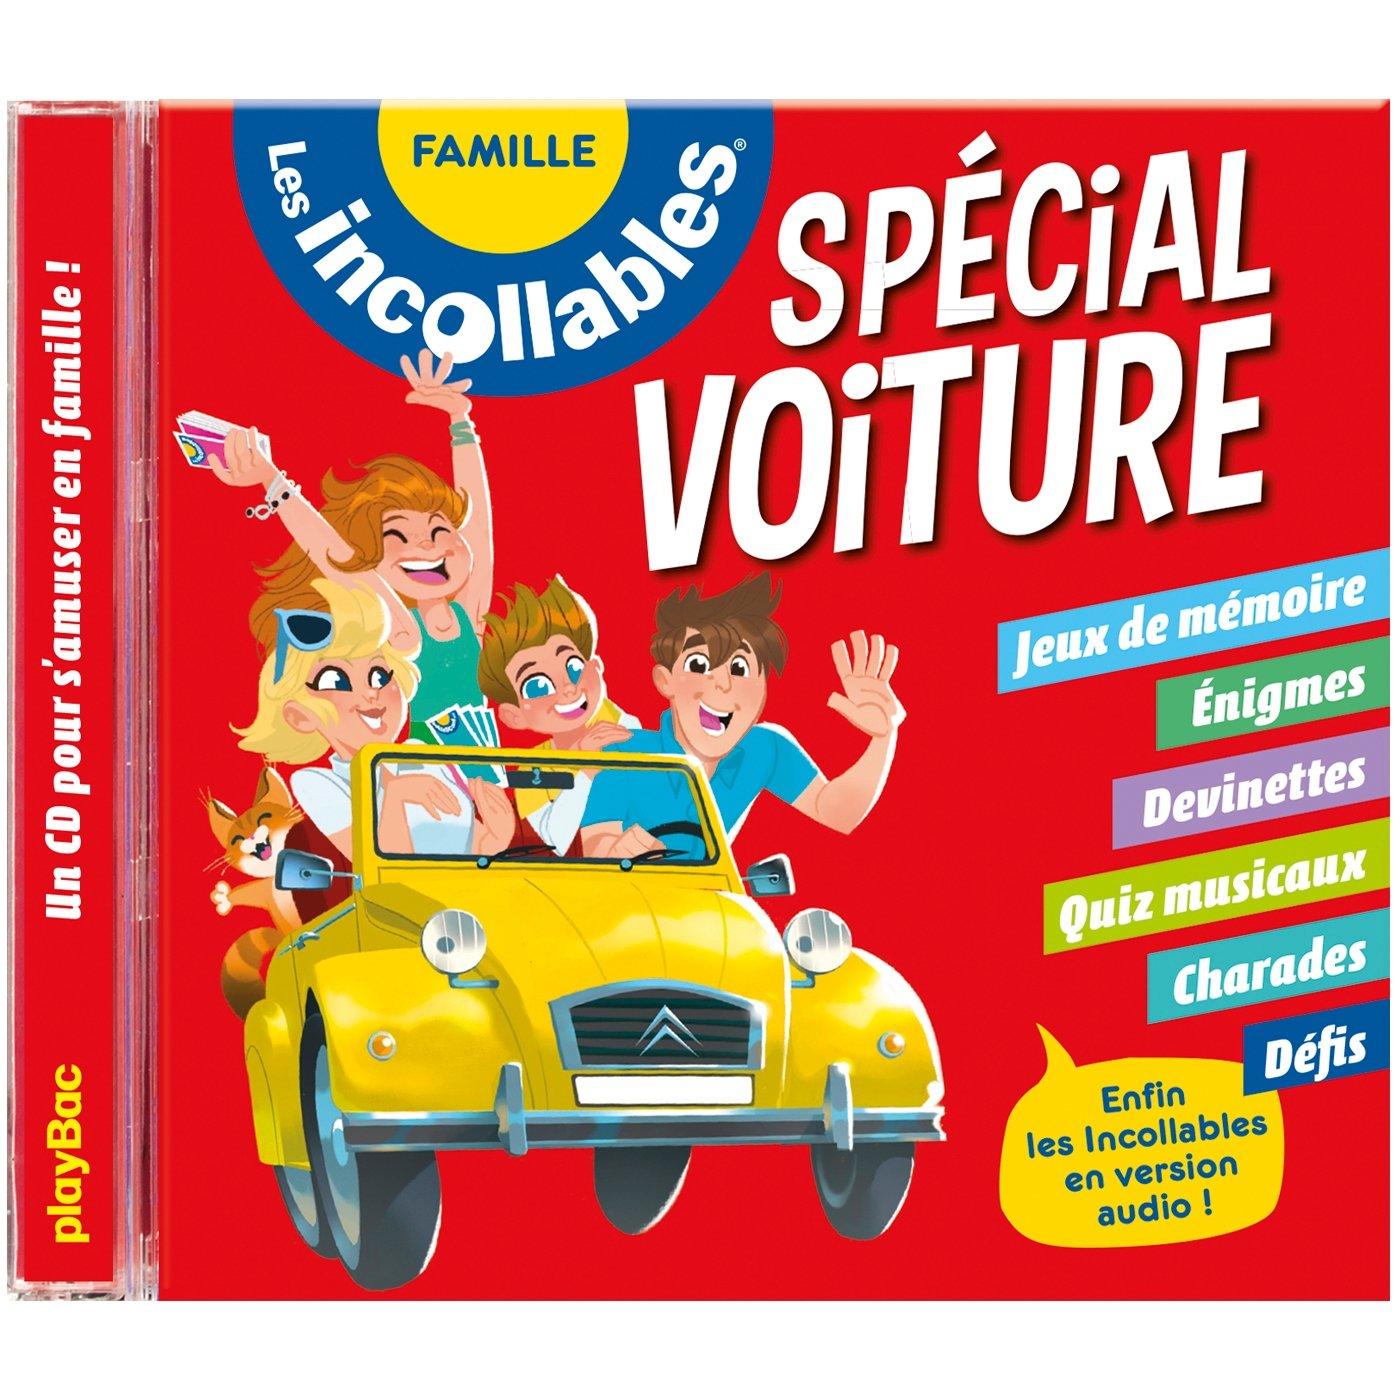 Amazon.fr - Les incollables - CD spécial voiture - Édition 2018 - Collectif  - Livres